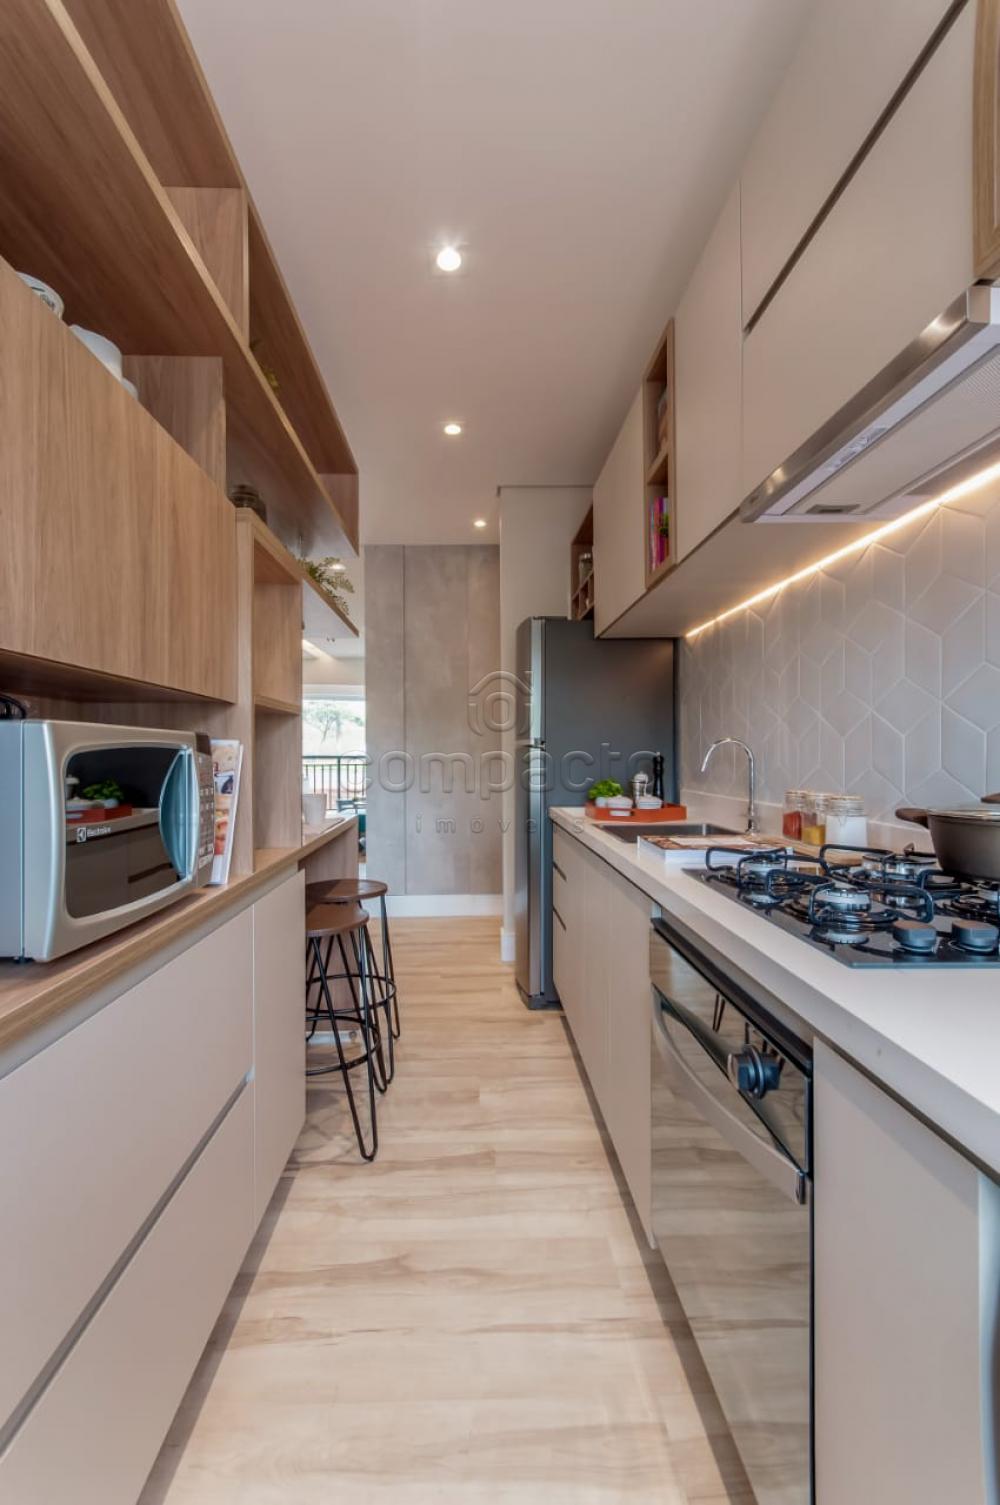 Comprar Apartamento / Padrão em São José do Rio Preto apenas R$ 223.000,00 - Foto 18